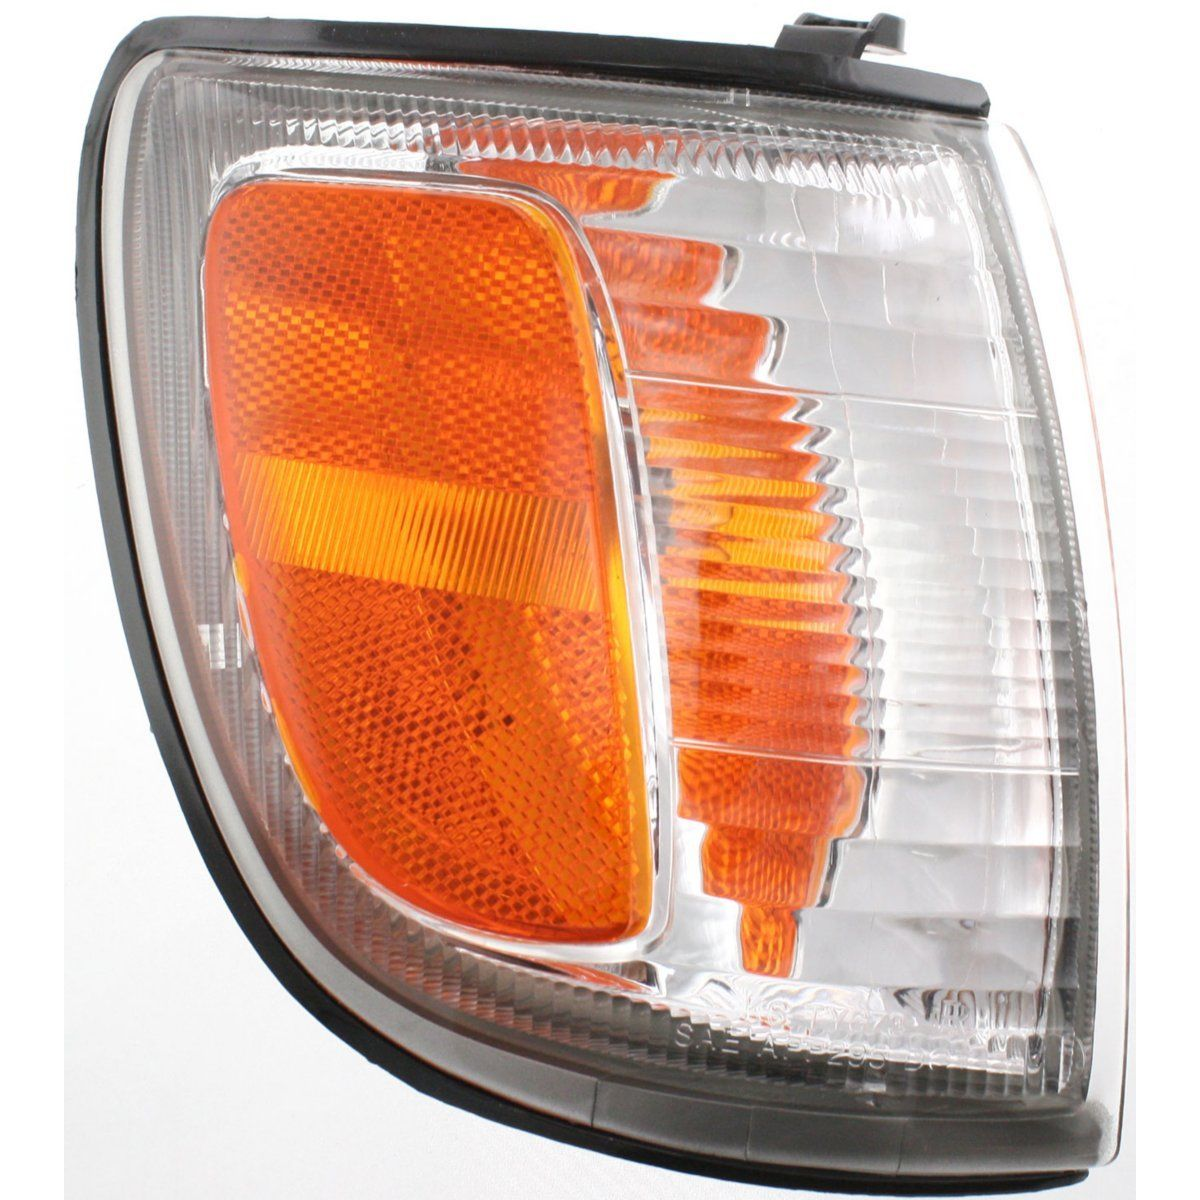 コーナーライト Corner Light For 99-2002 Toyota 4Runner Passenger Side Incandescent w/ Bulb コーナーライト99-2002トヨタ4Runnerのための乗客側白熱電球